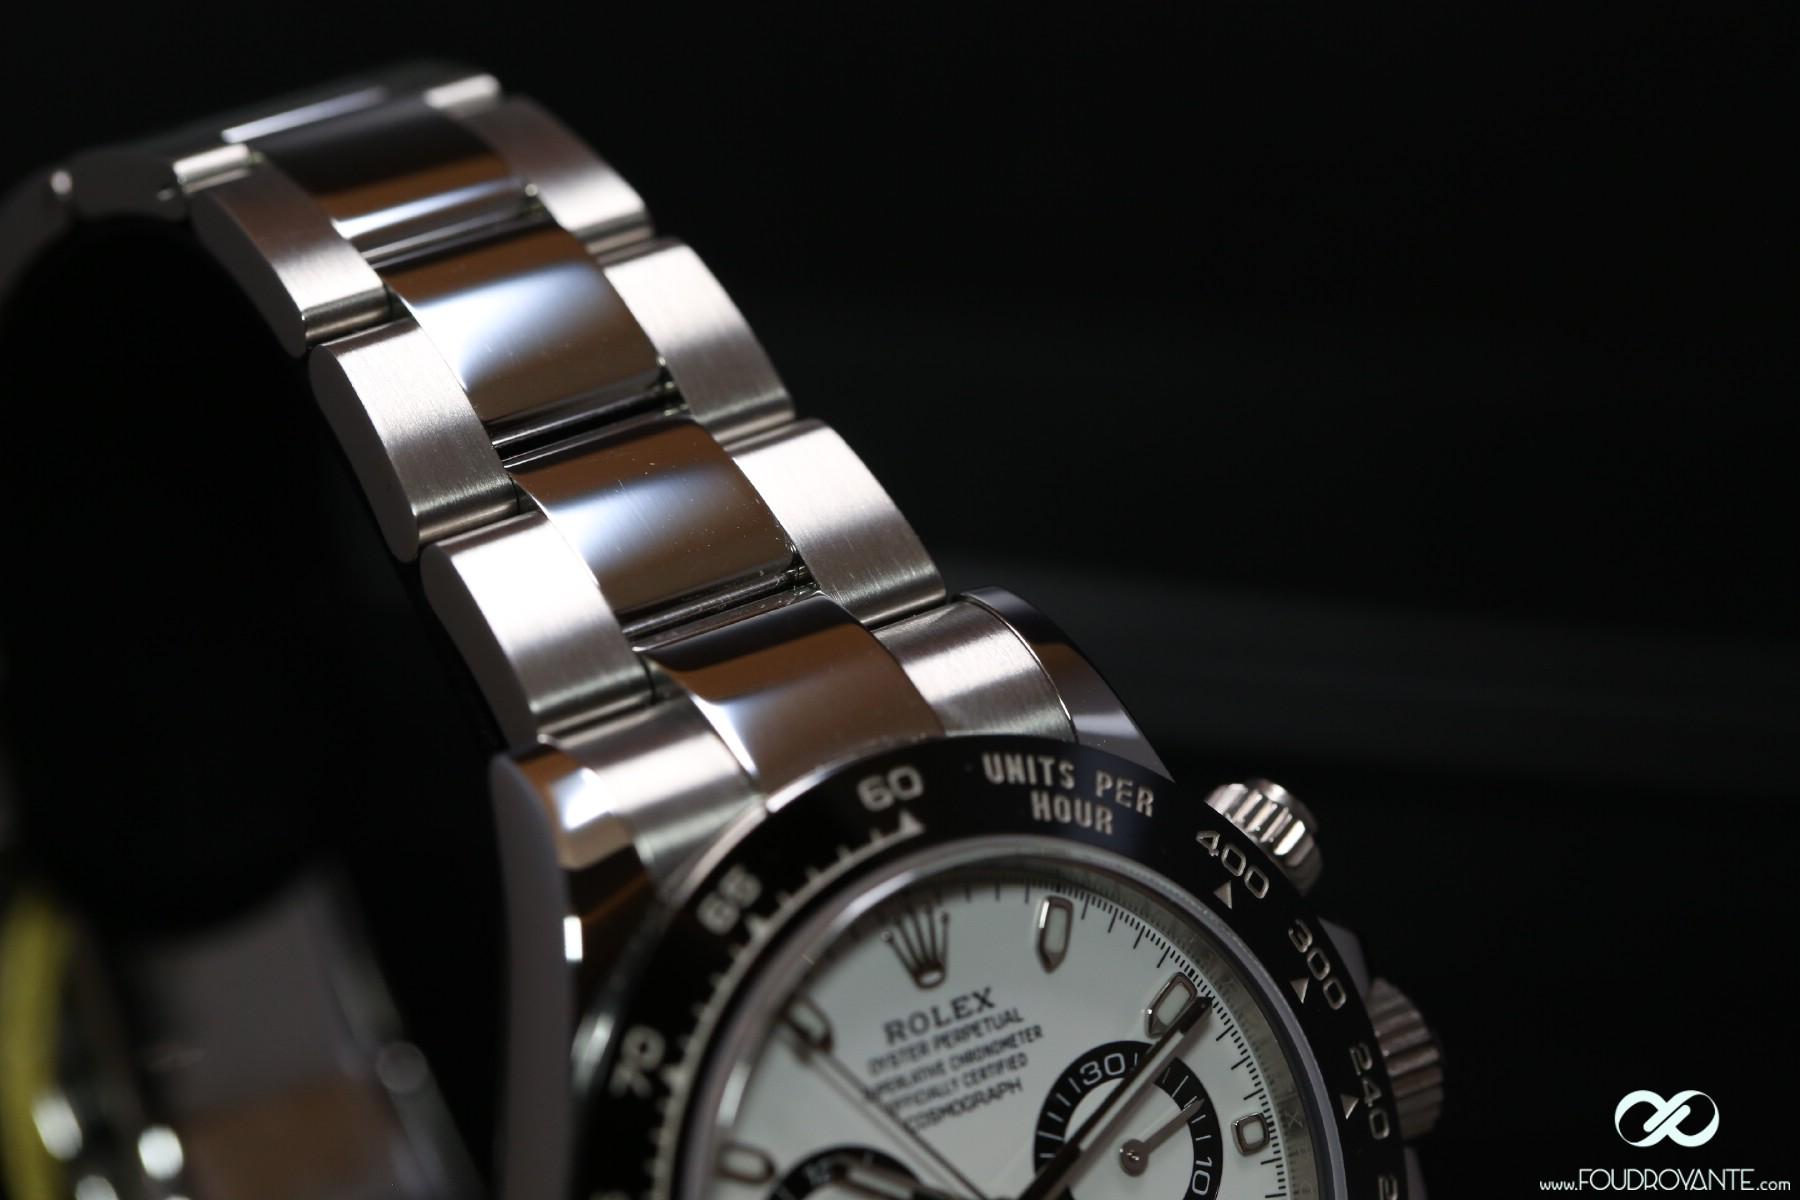 Rolex 116500 LN Daytona White Dial (11)